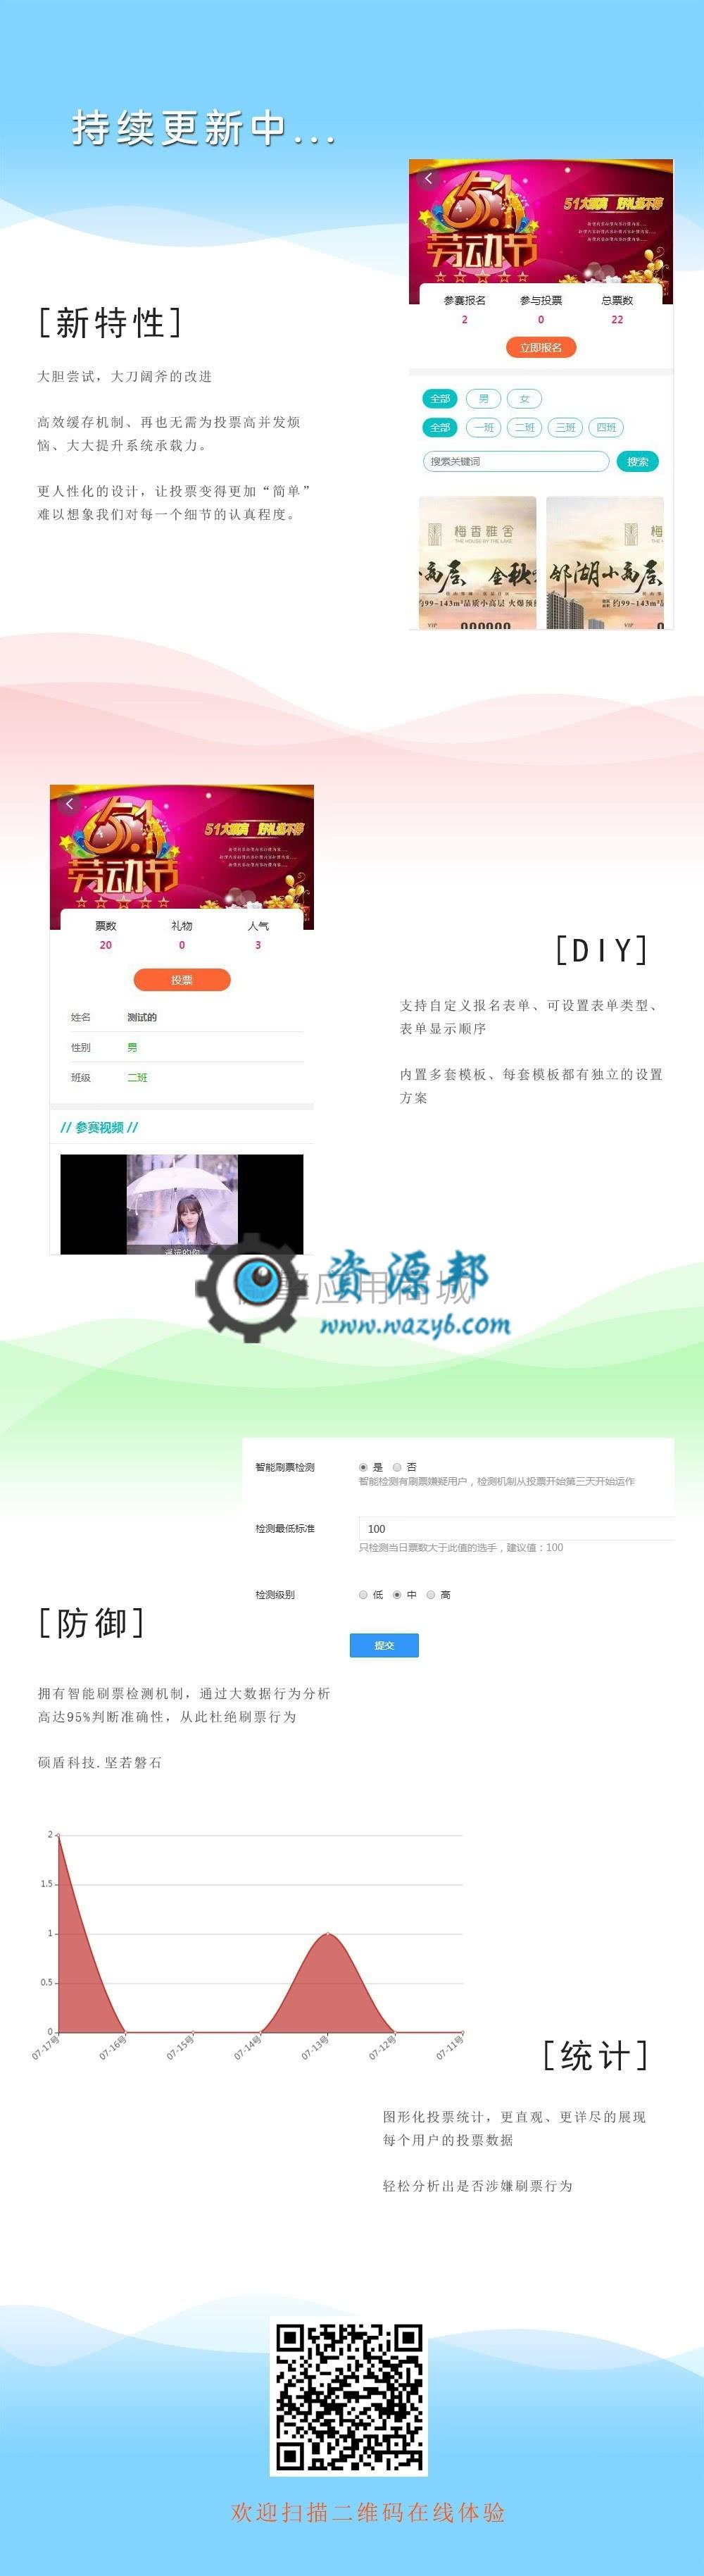 【公众号应用】风云投票V1.0.2正版源码打包,新增后台添加数据功能 公众号应用 第7张